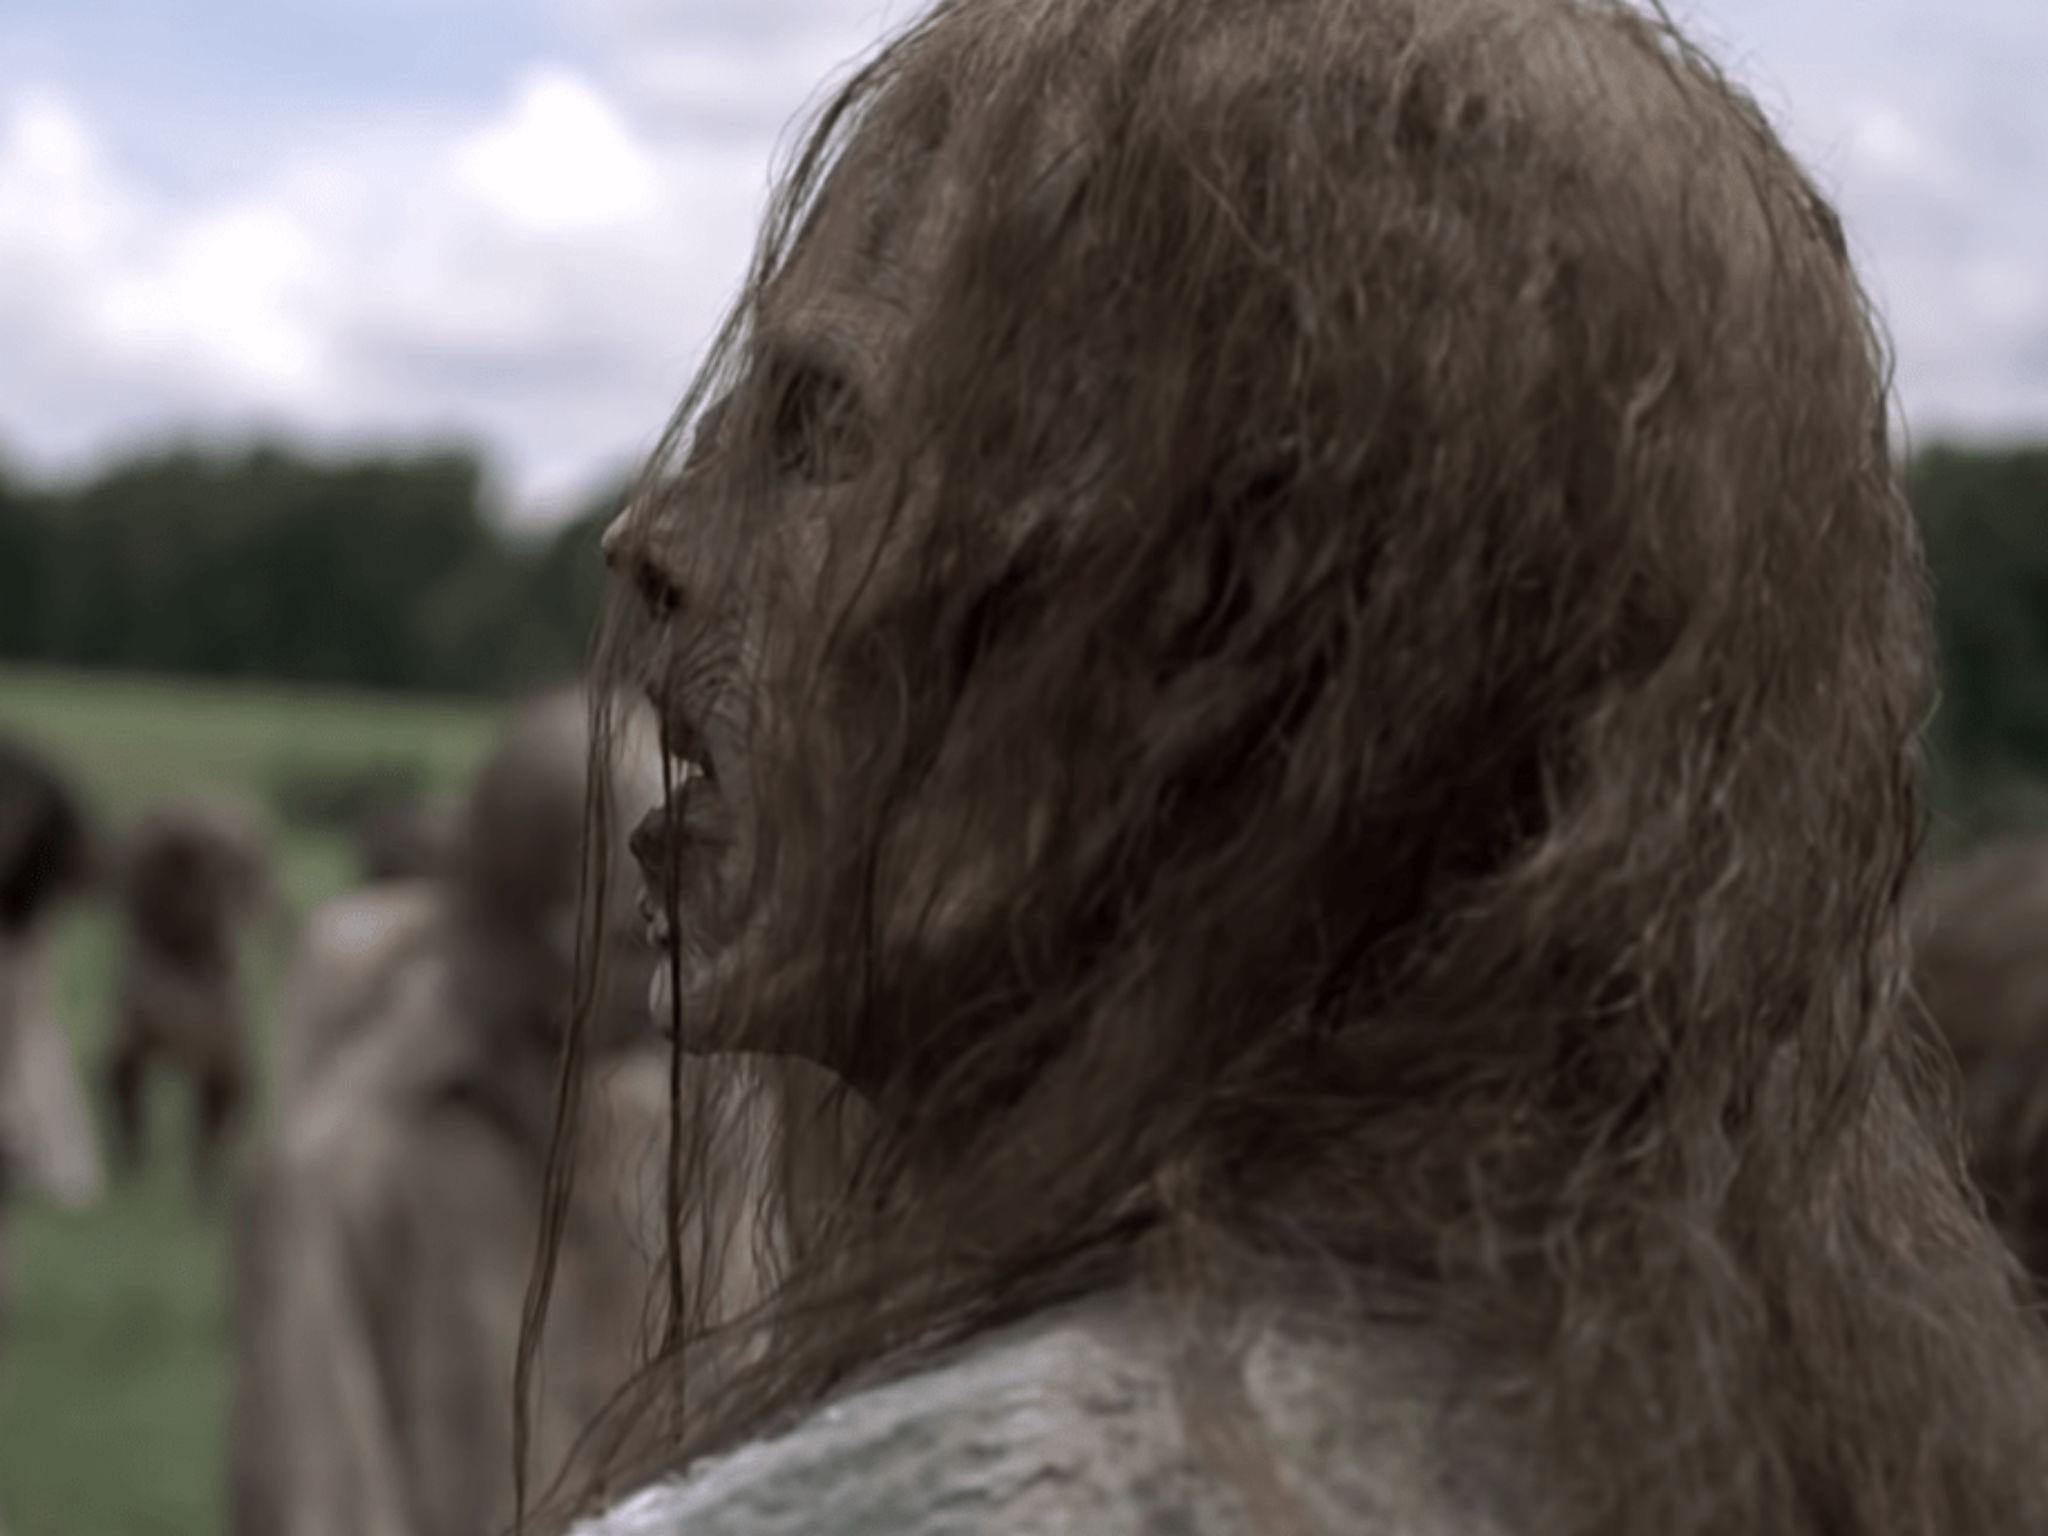 The Walking Dead season 9 episode 8: Mid-season finale